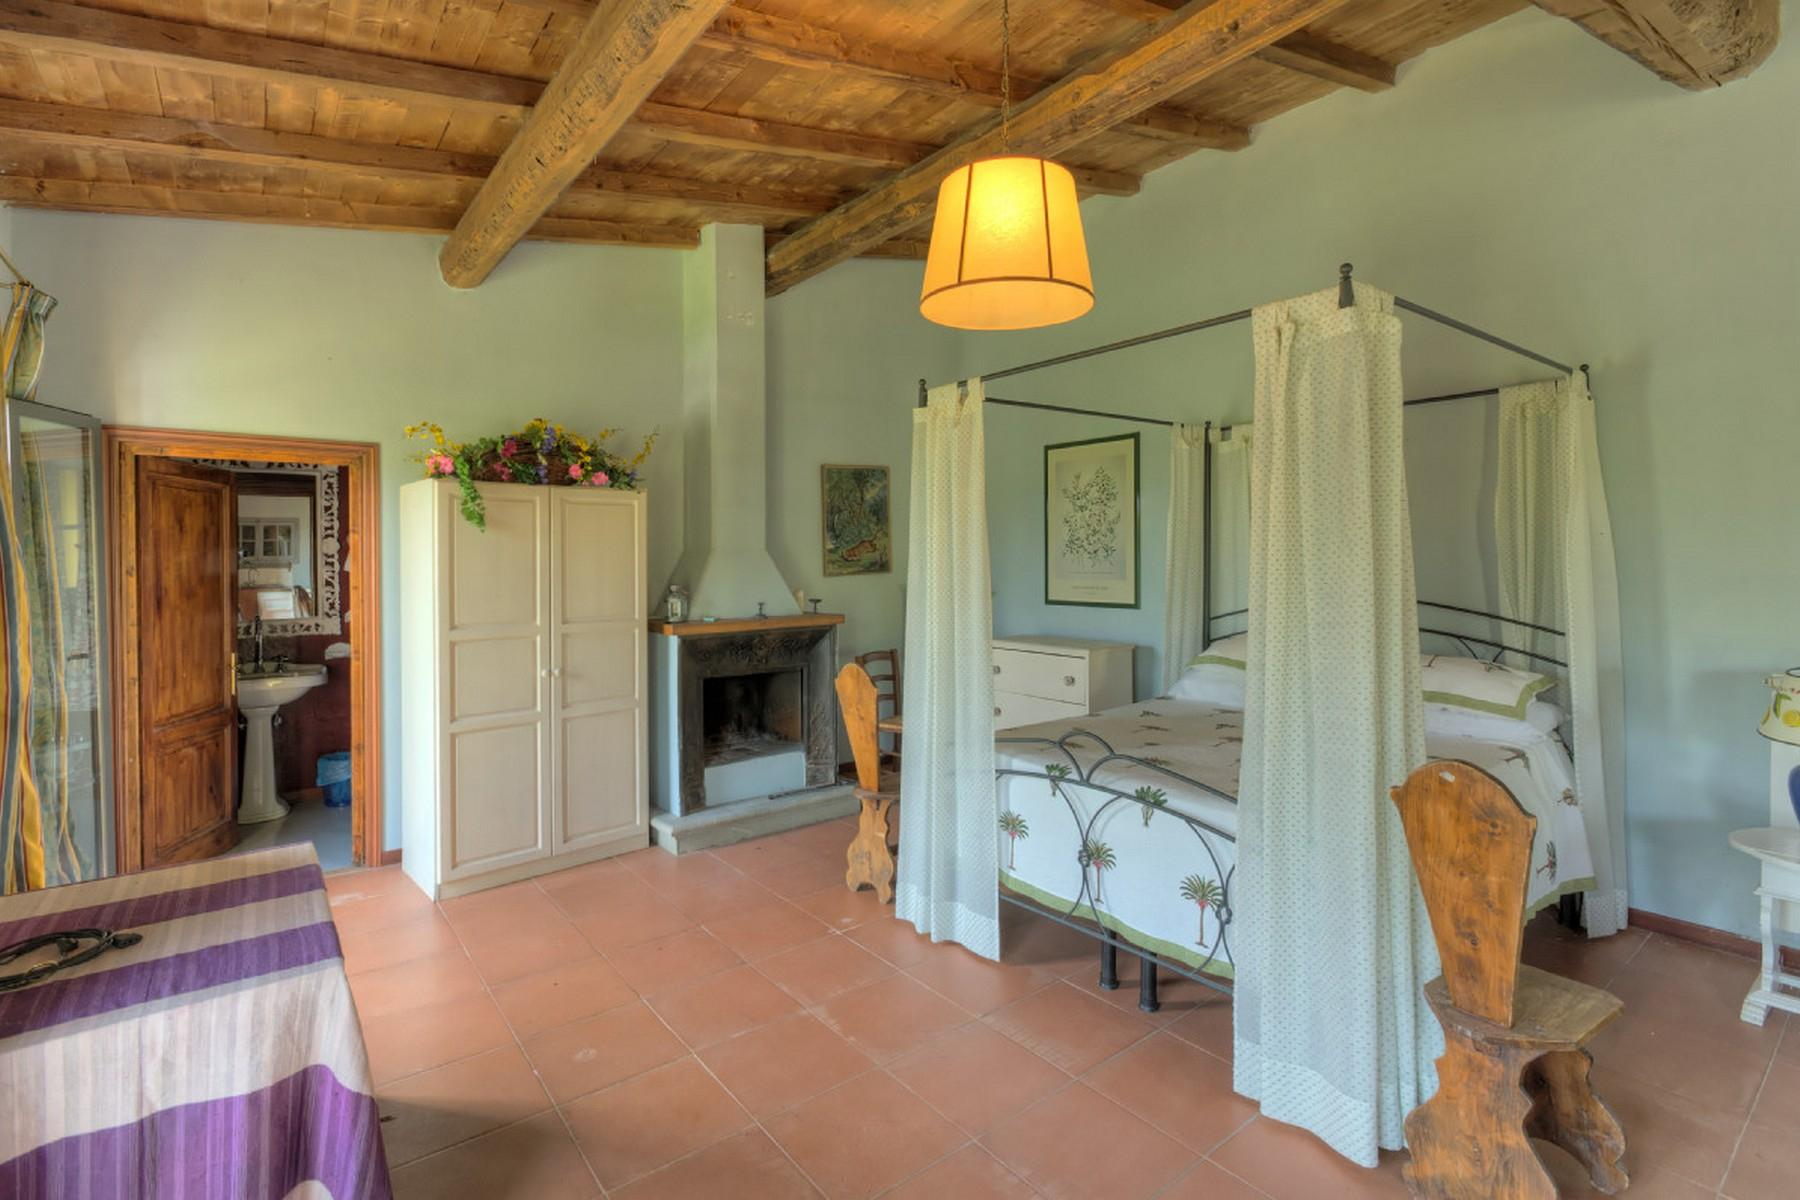 State-of-the-art rustic villa set in Florentine Chianti - 29